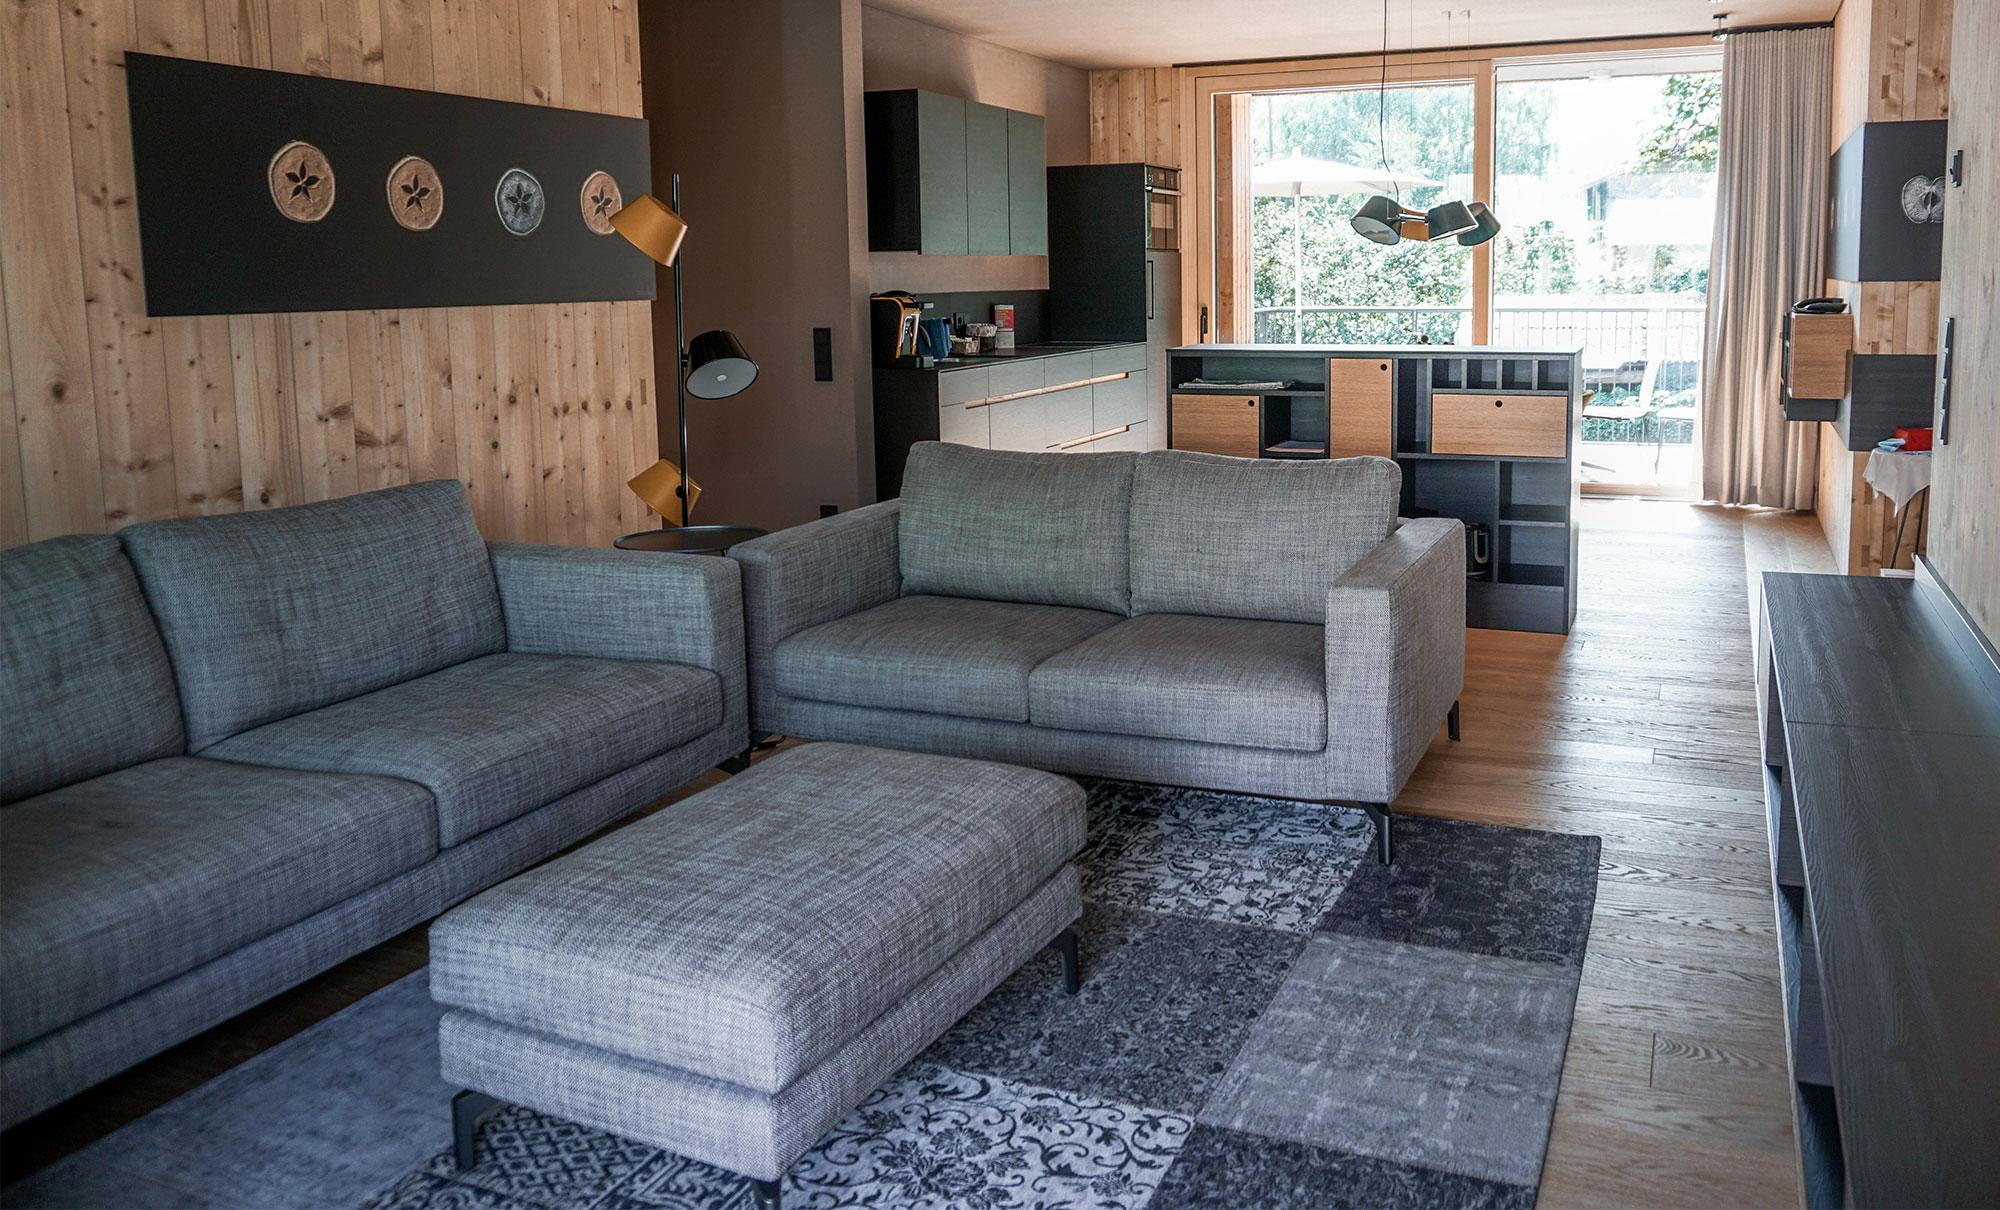 Das gemütliche Wohnzimmer gibt viel Raum für die Bedürfnisse